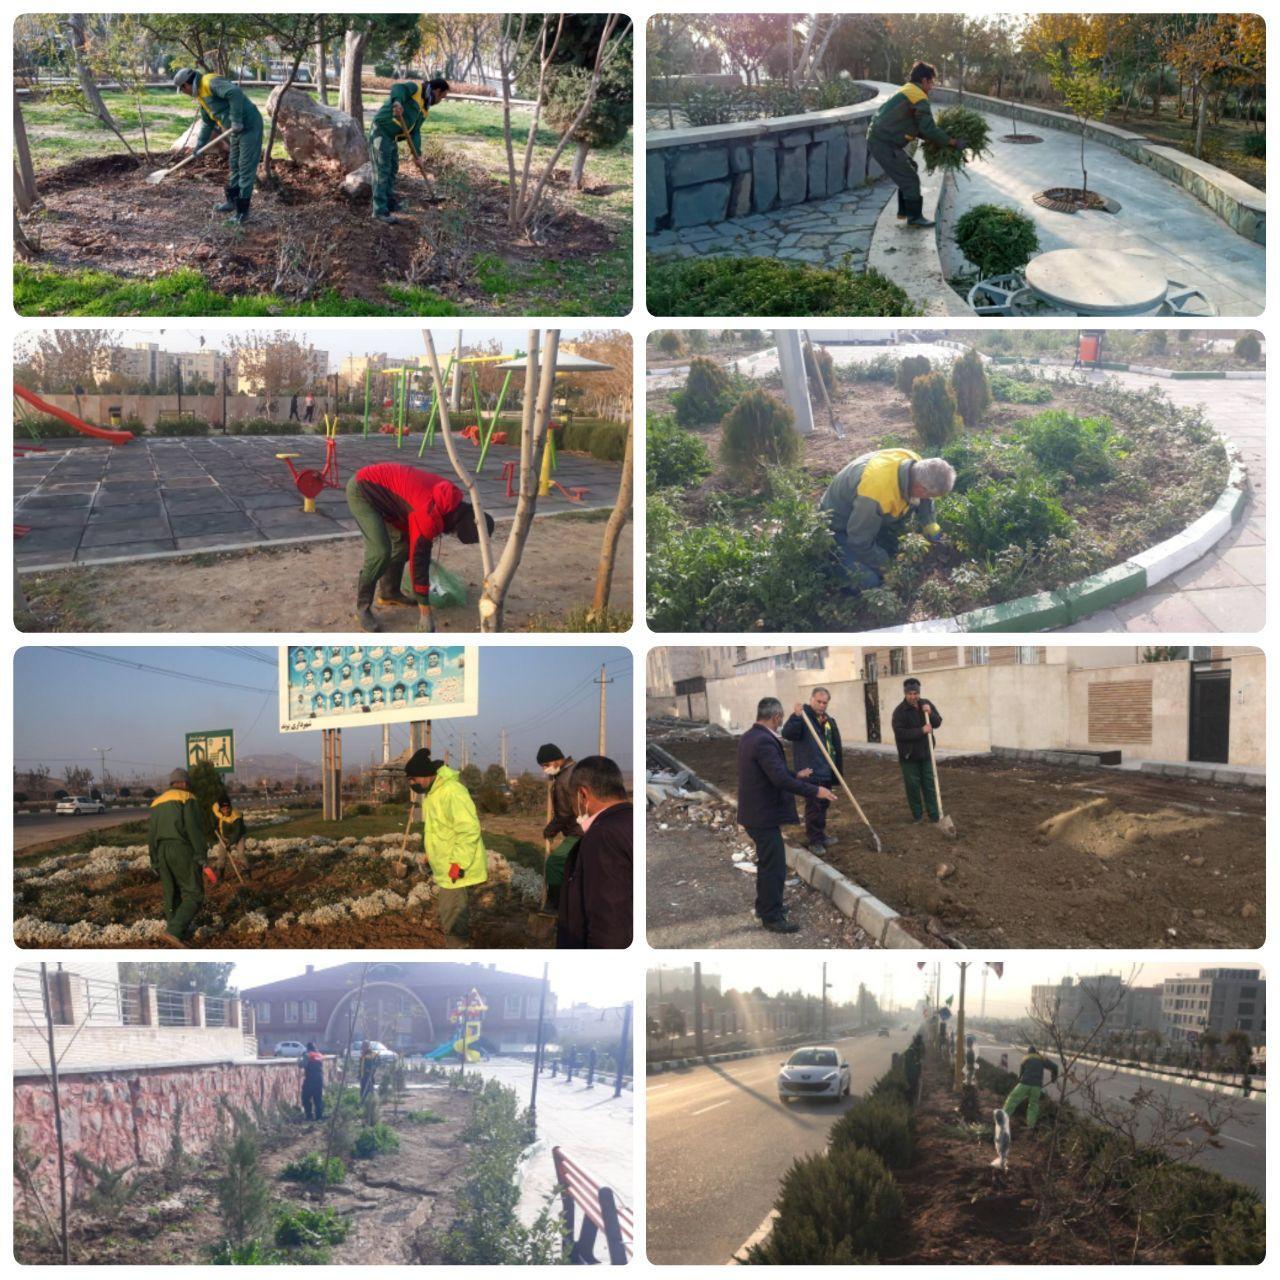 رشد و توسعه عرصه های فضای سبز شهر پرند همچنان ادامه دارد